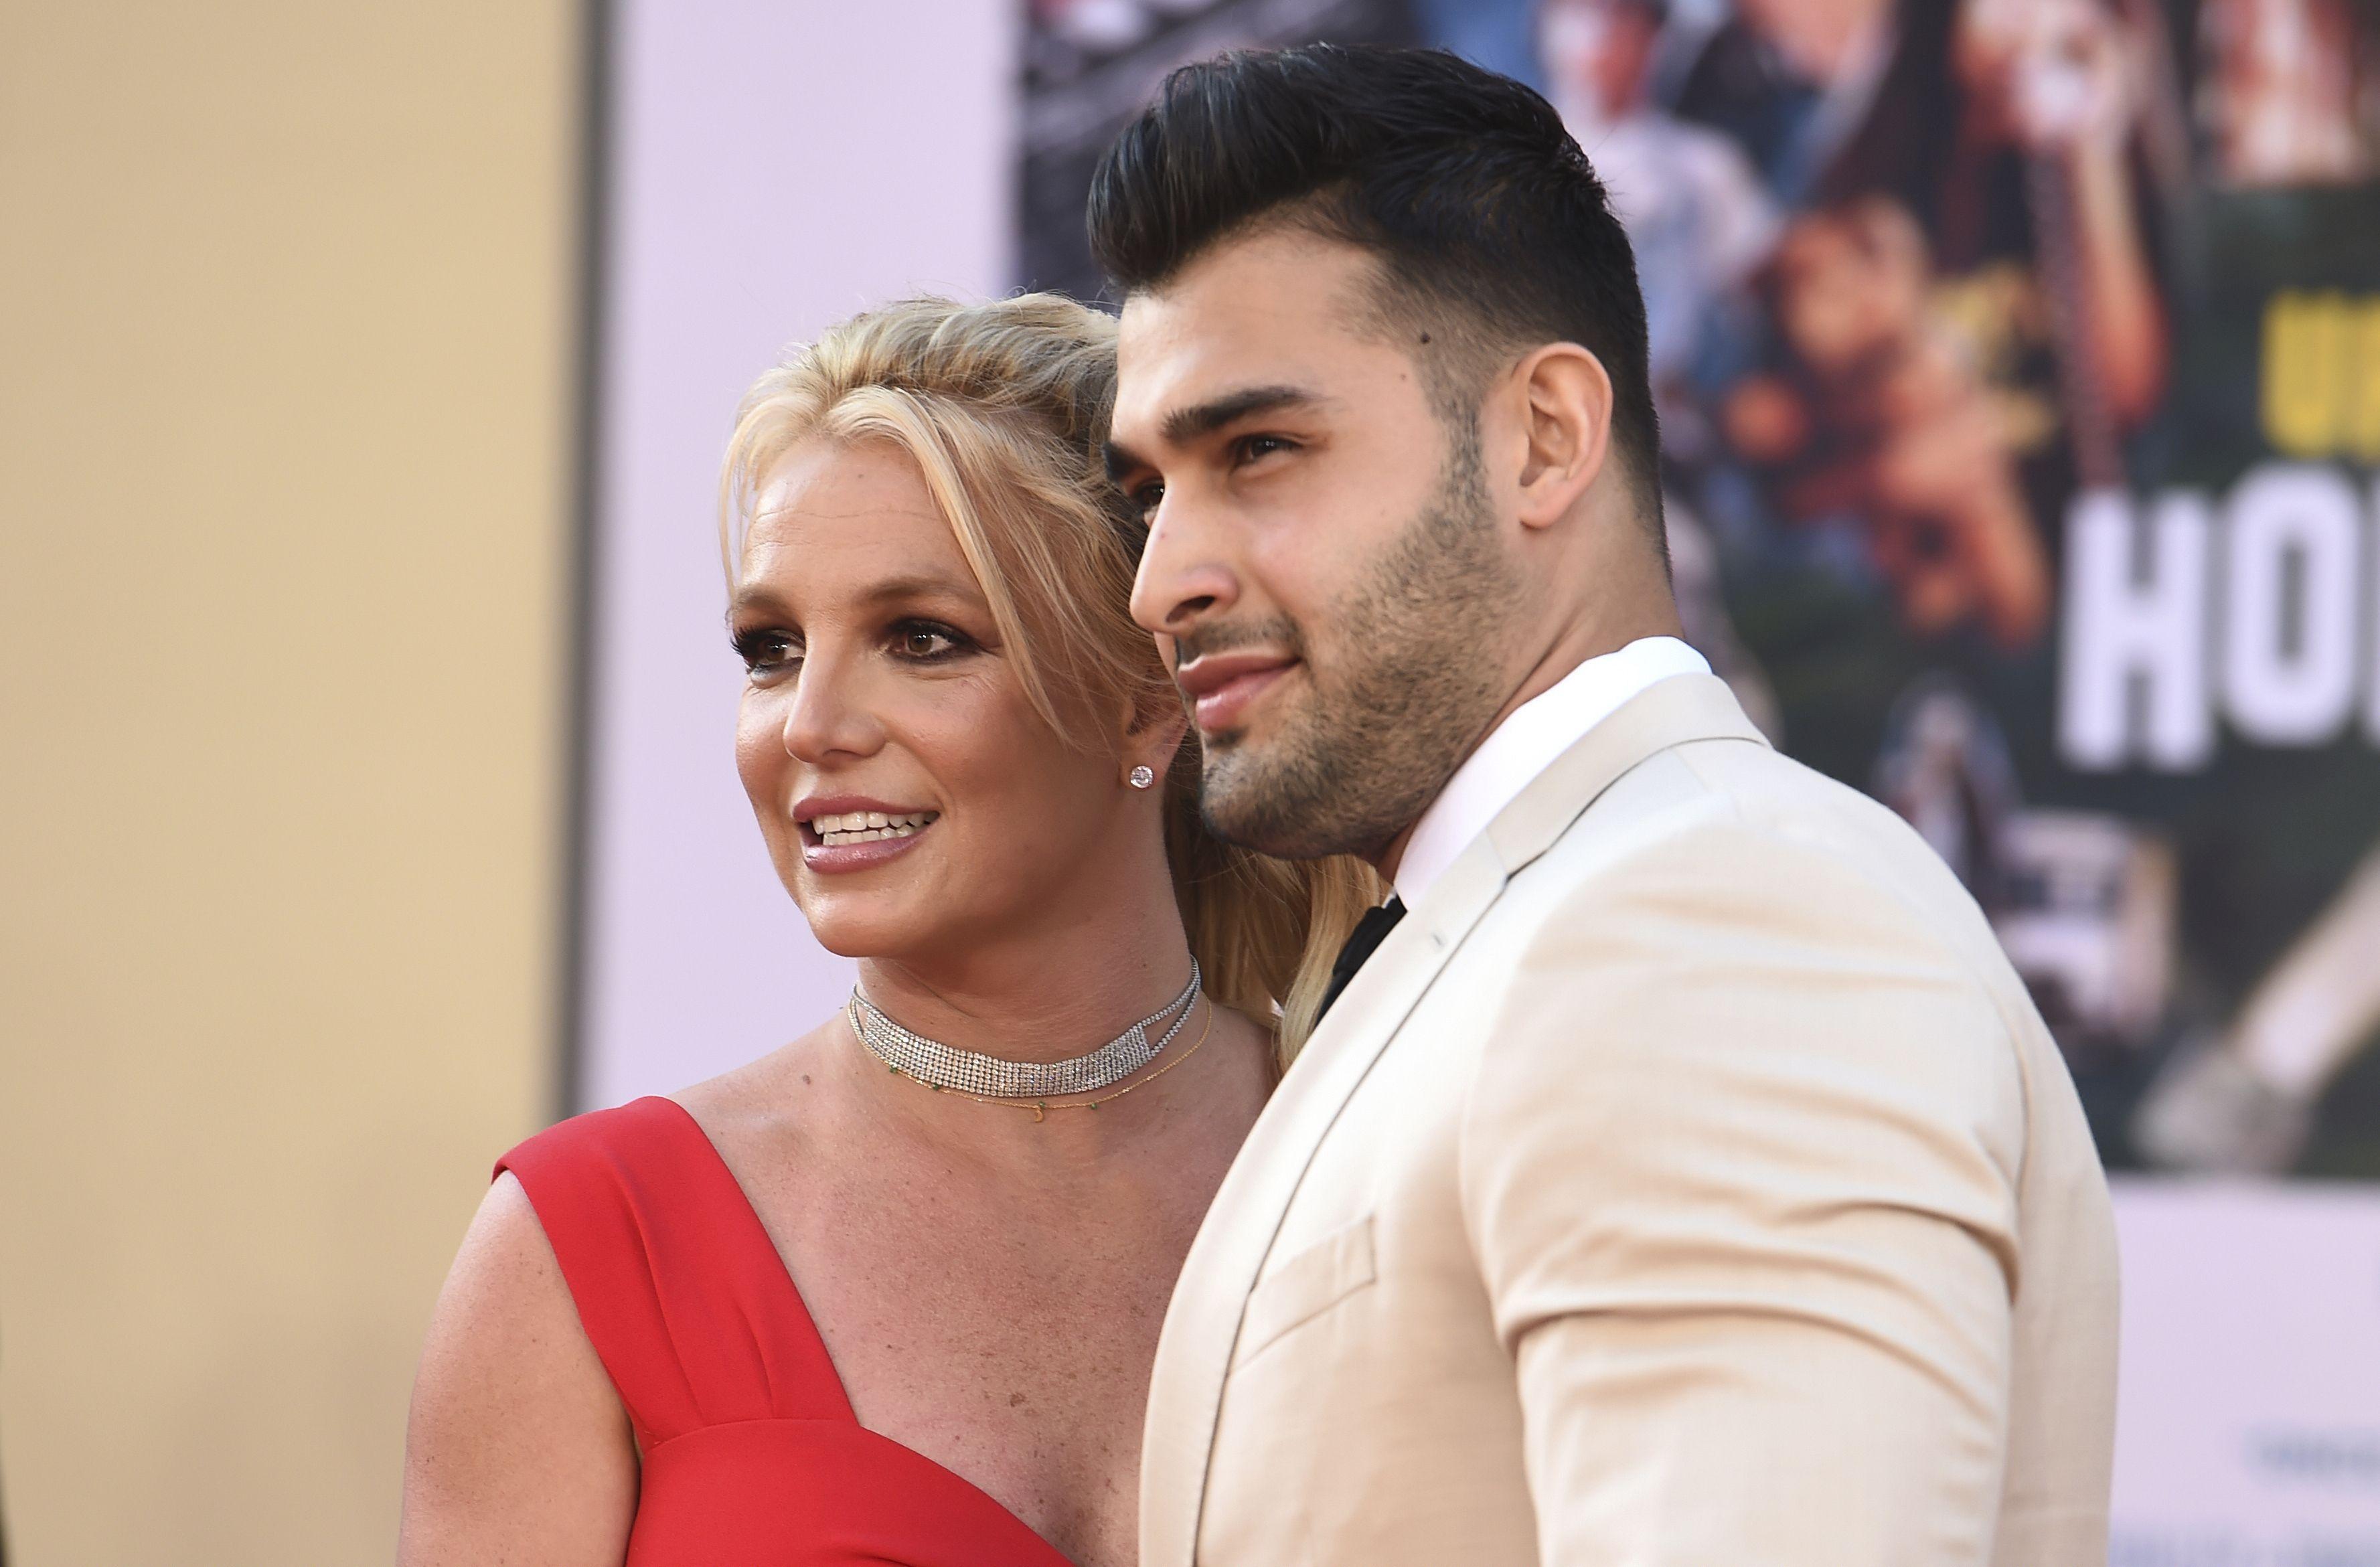 Britney Spears y Sam Asghari llegan al estreno de Once Upon a Time in Hollywood en el Teatro Chino de TCL en Los Angeles el lunes 22 de julio de 2019.